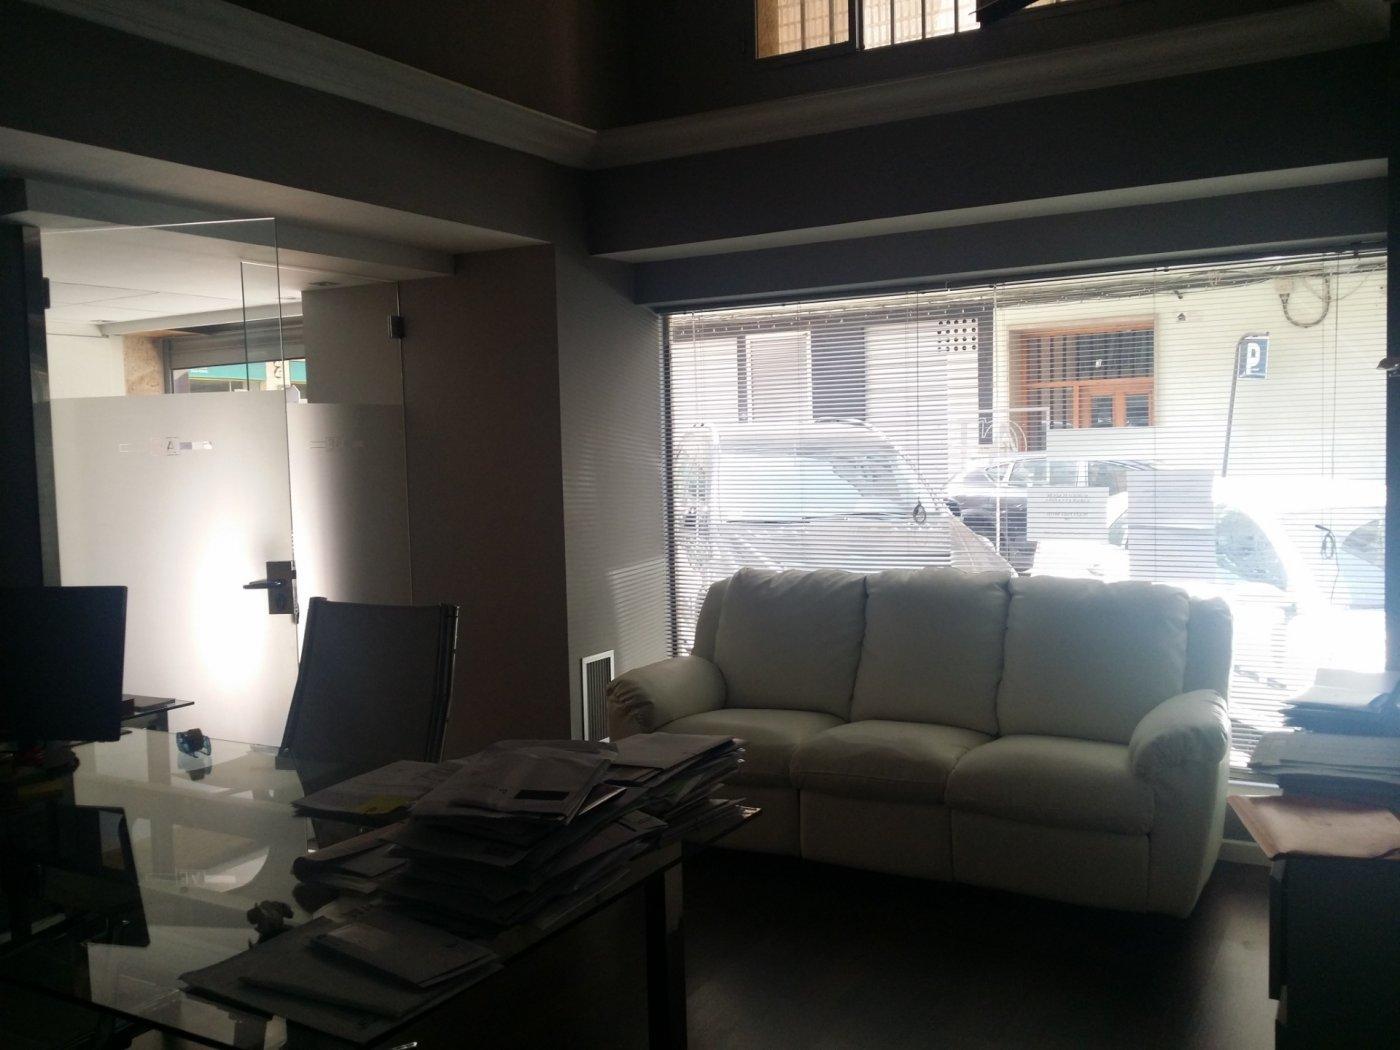 Venta de entresuelo vivienda  + bajo comercial en 2 plantas en pleno centro de burjassot - imagenInmueble0